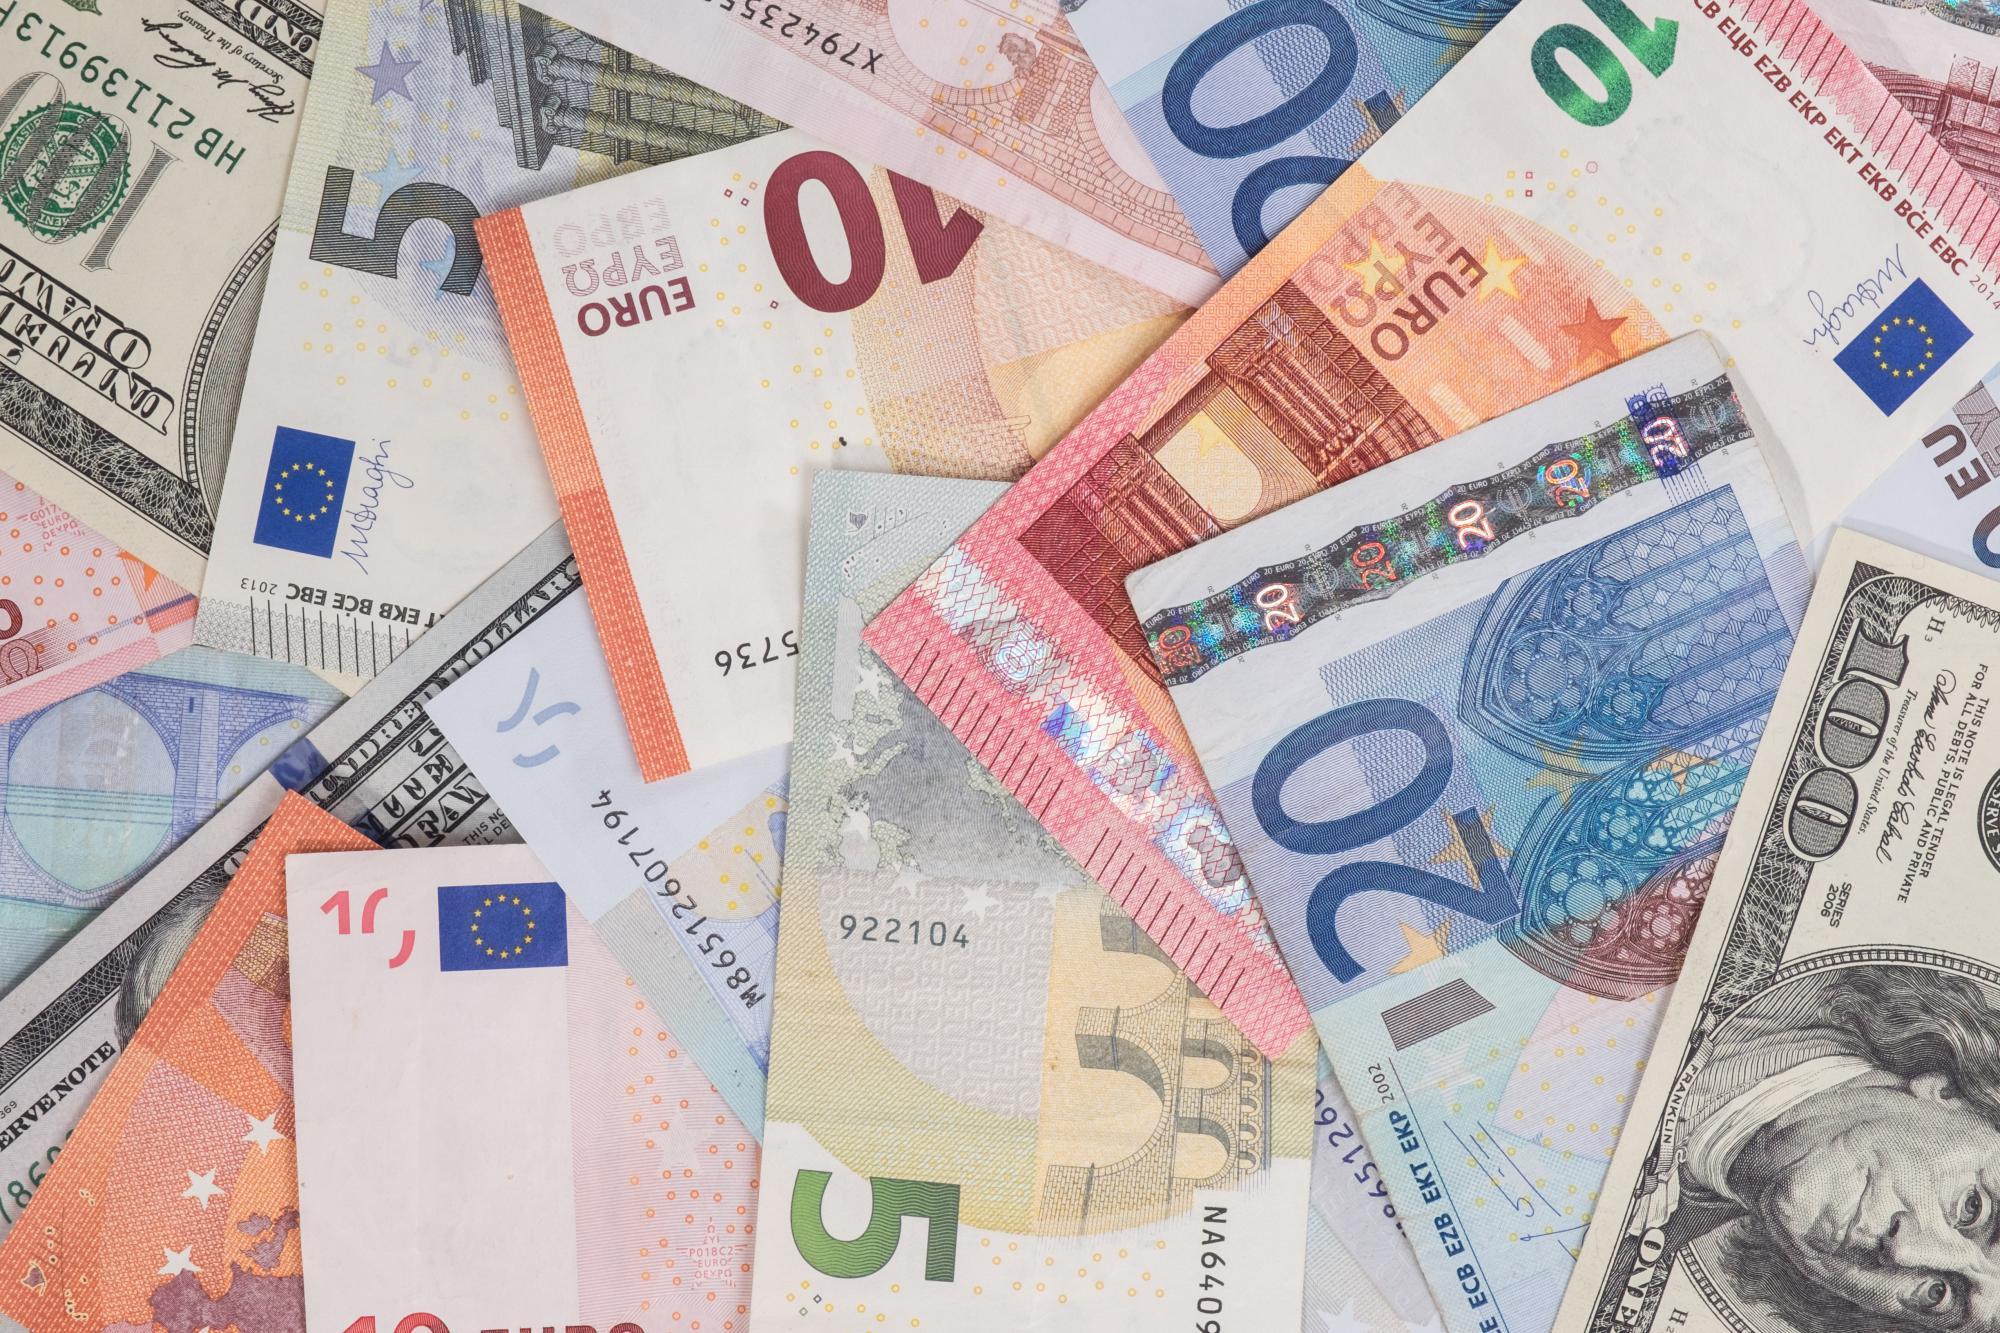 ФНС России разъяснен порядок определения налоговой базы по НДС для случаев осуществления расчетов в иностранной валюте